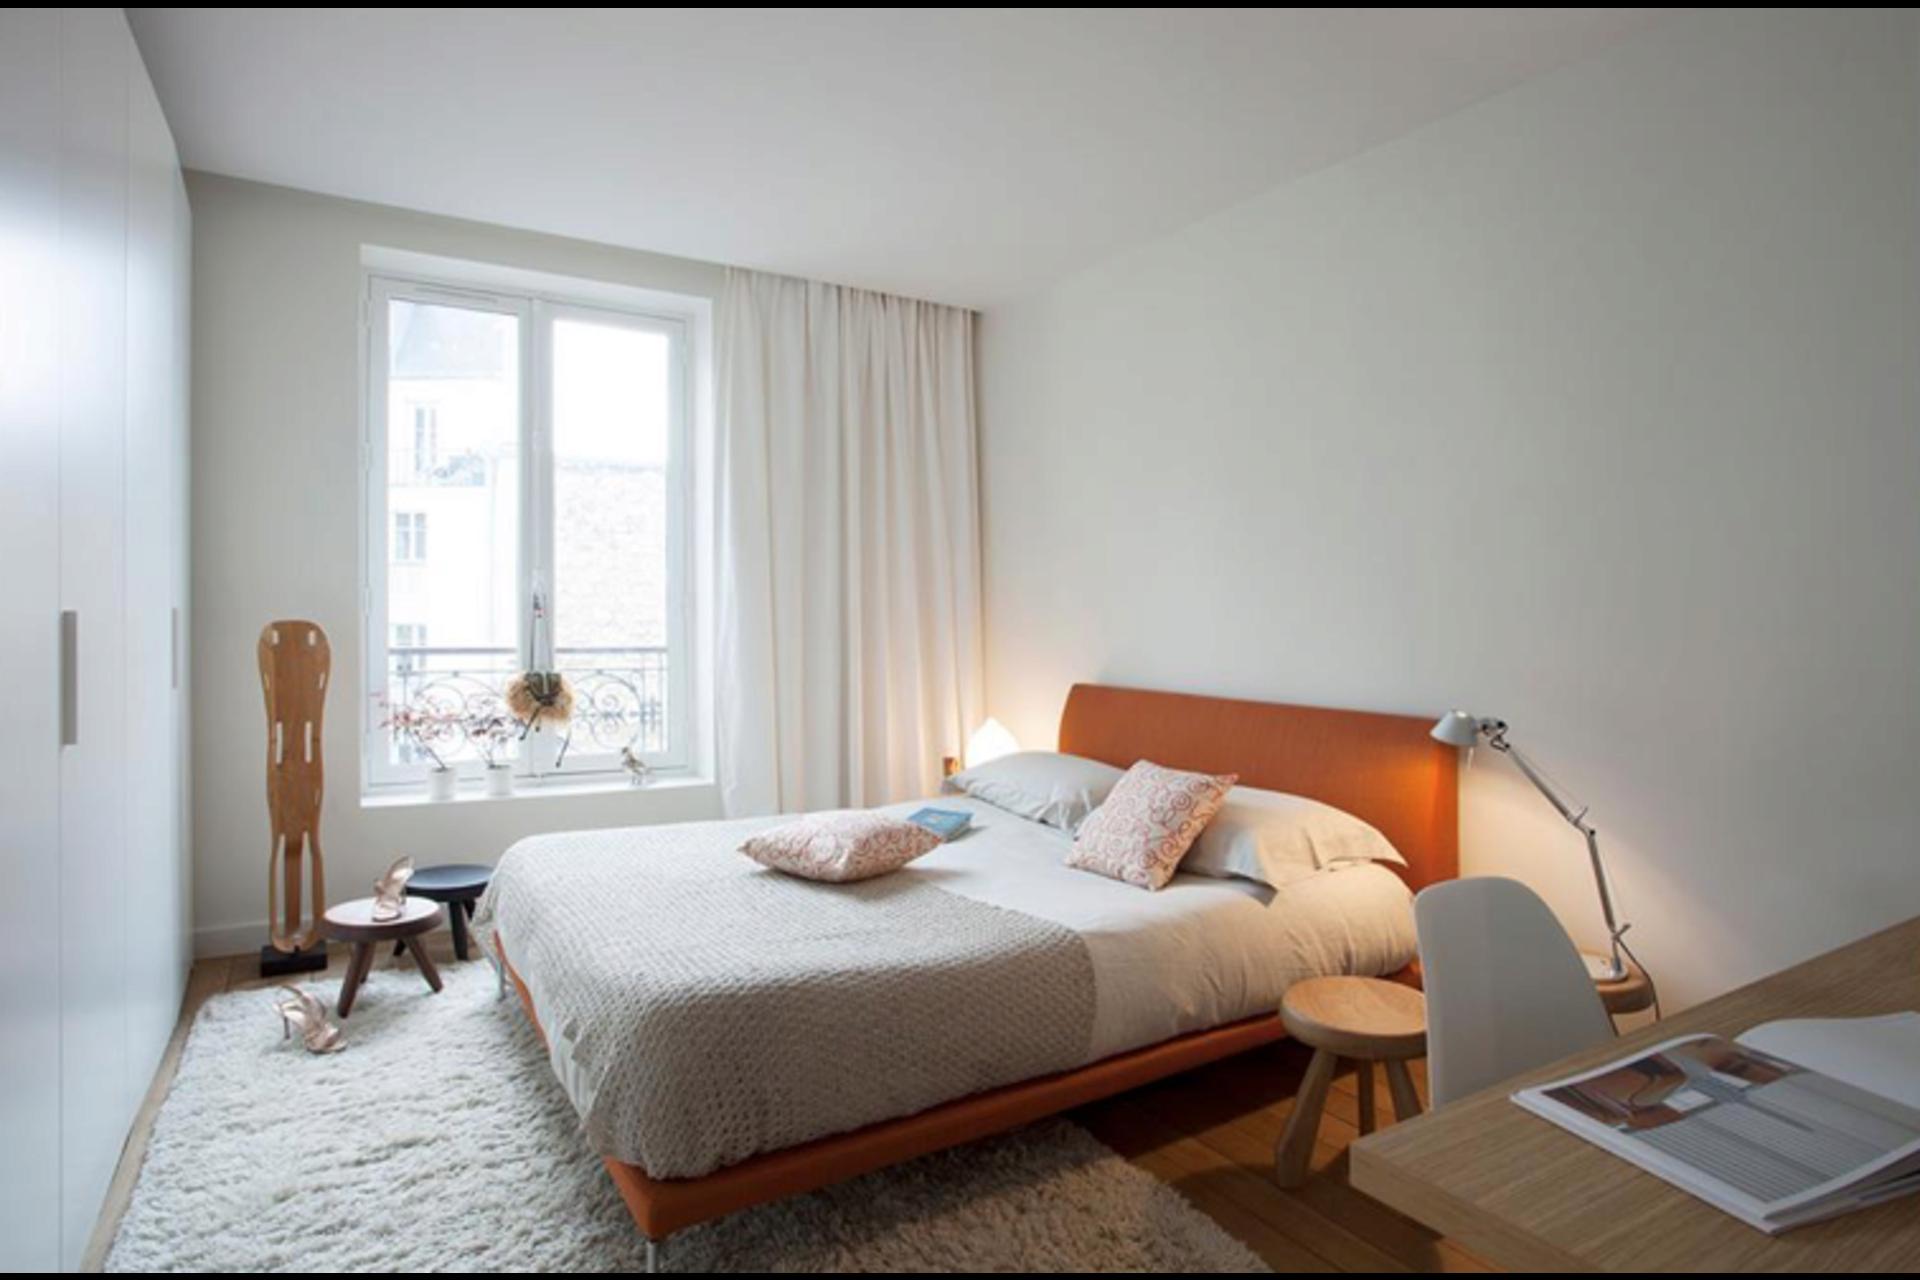 image 4 - Appartement À vendre Bordeaux - 3 pièces